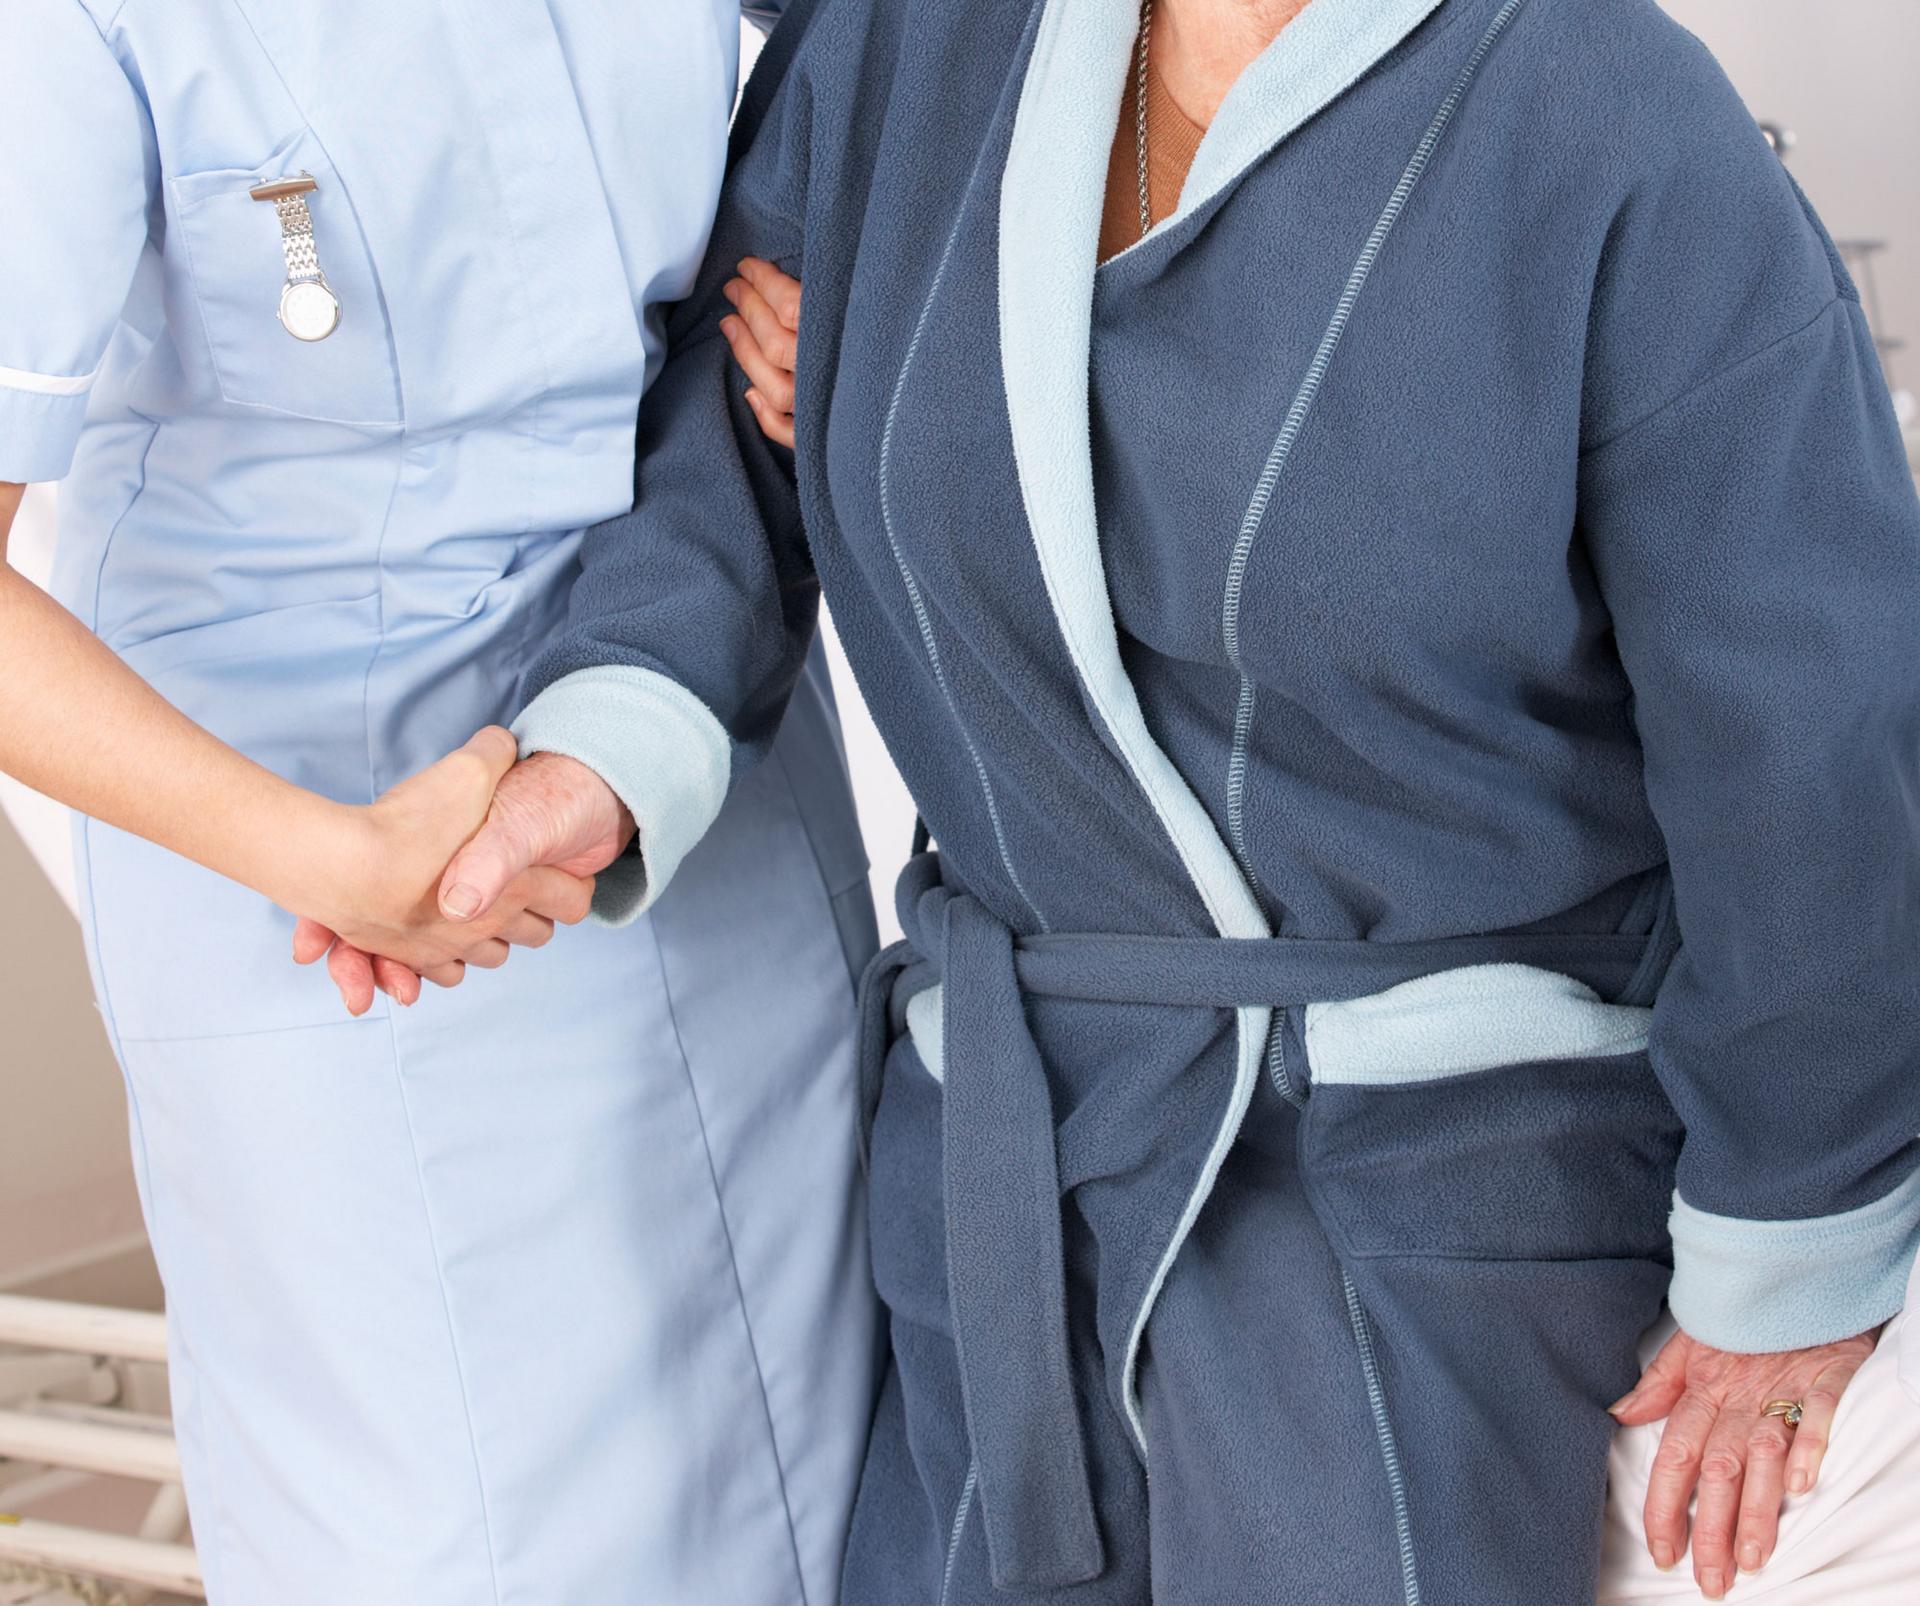 Sosiaali- ja terveyskeskuksessa on kärsitty työntekijäpulasta jo kahden vuoden ajan. Kuva: Iclipart